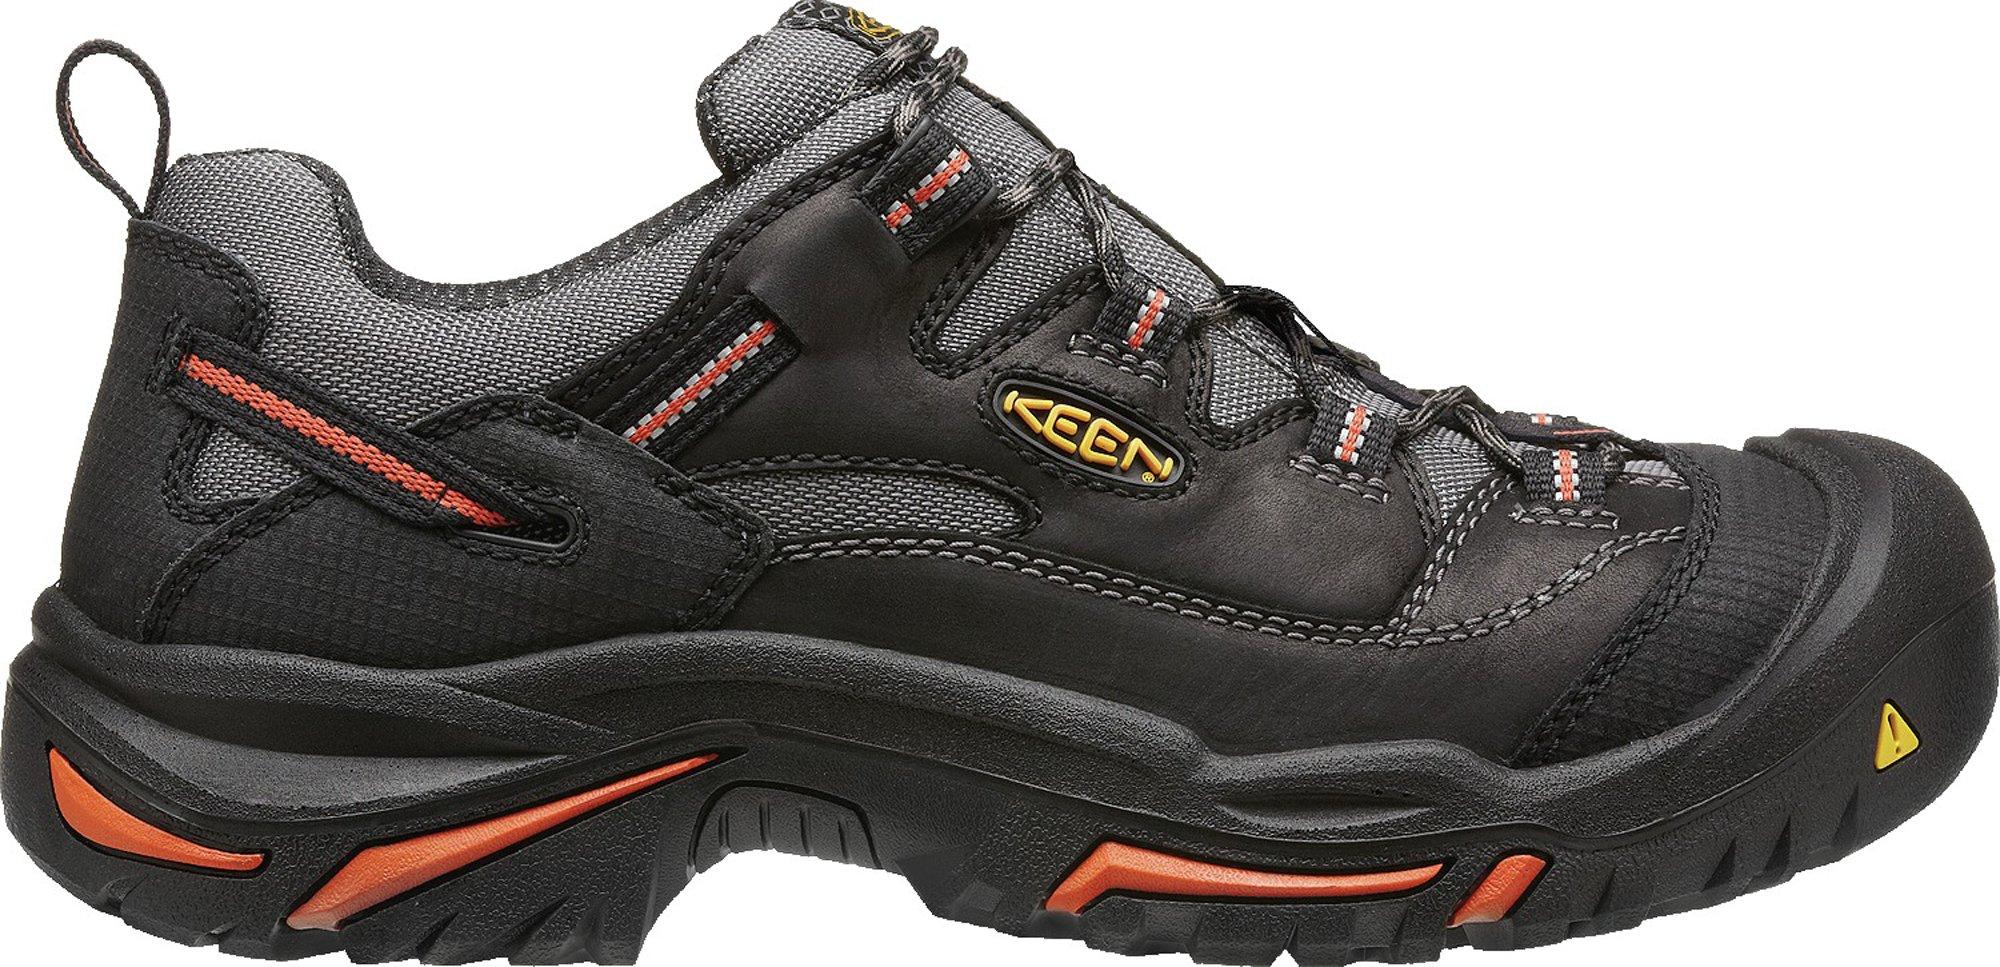 KEEN Utility Men's Braddock Low Steel-Toed Boot,Black/Bossa Nova,10 EE US